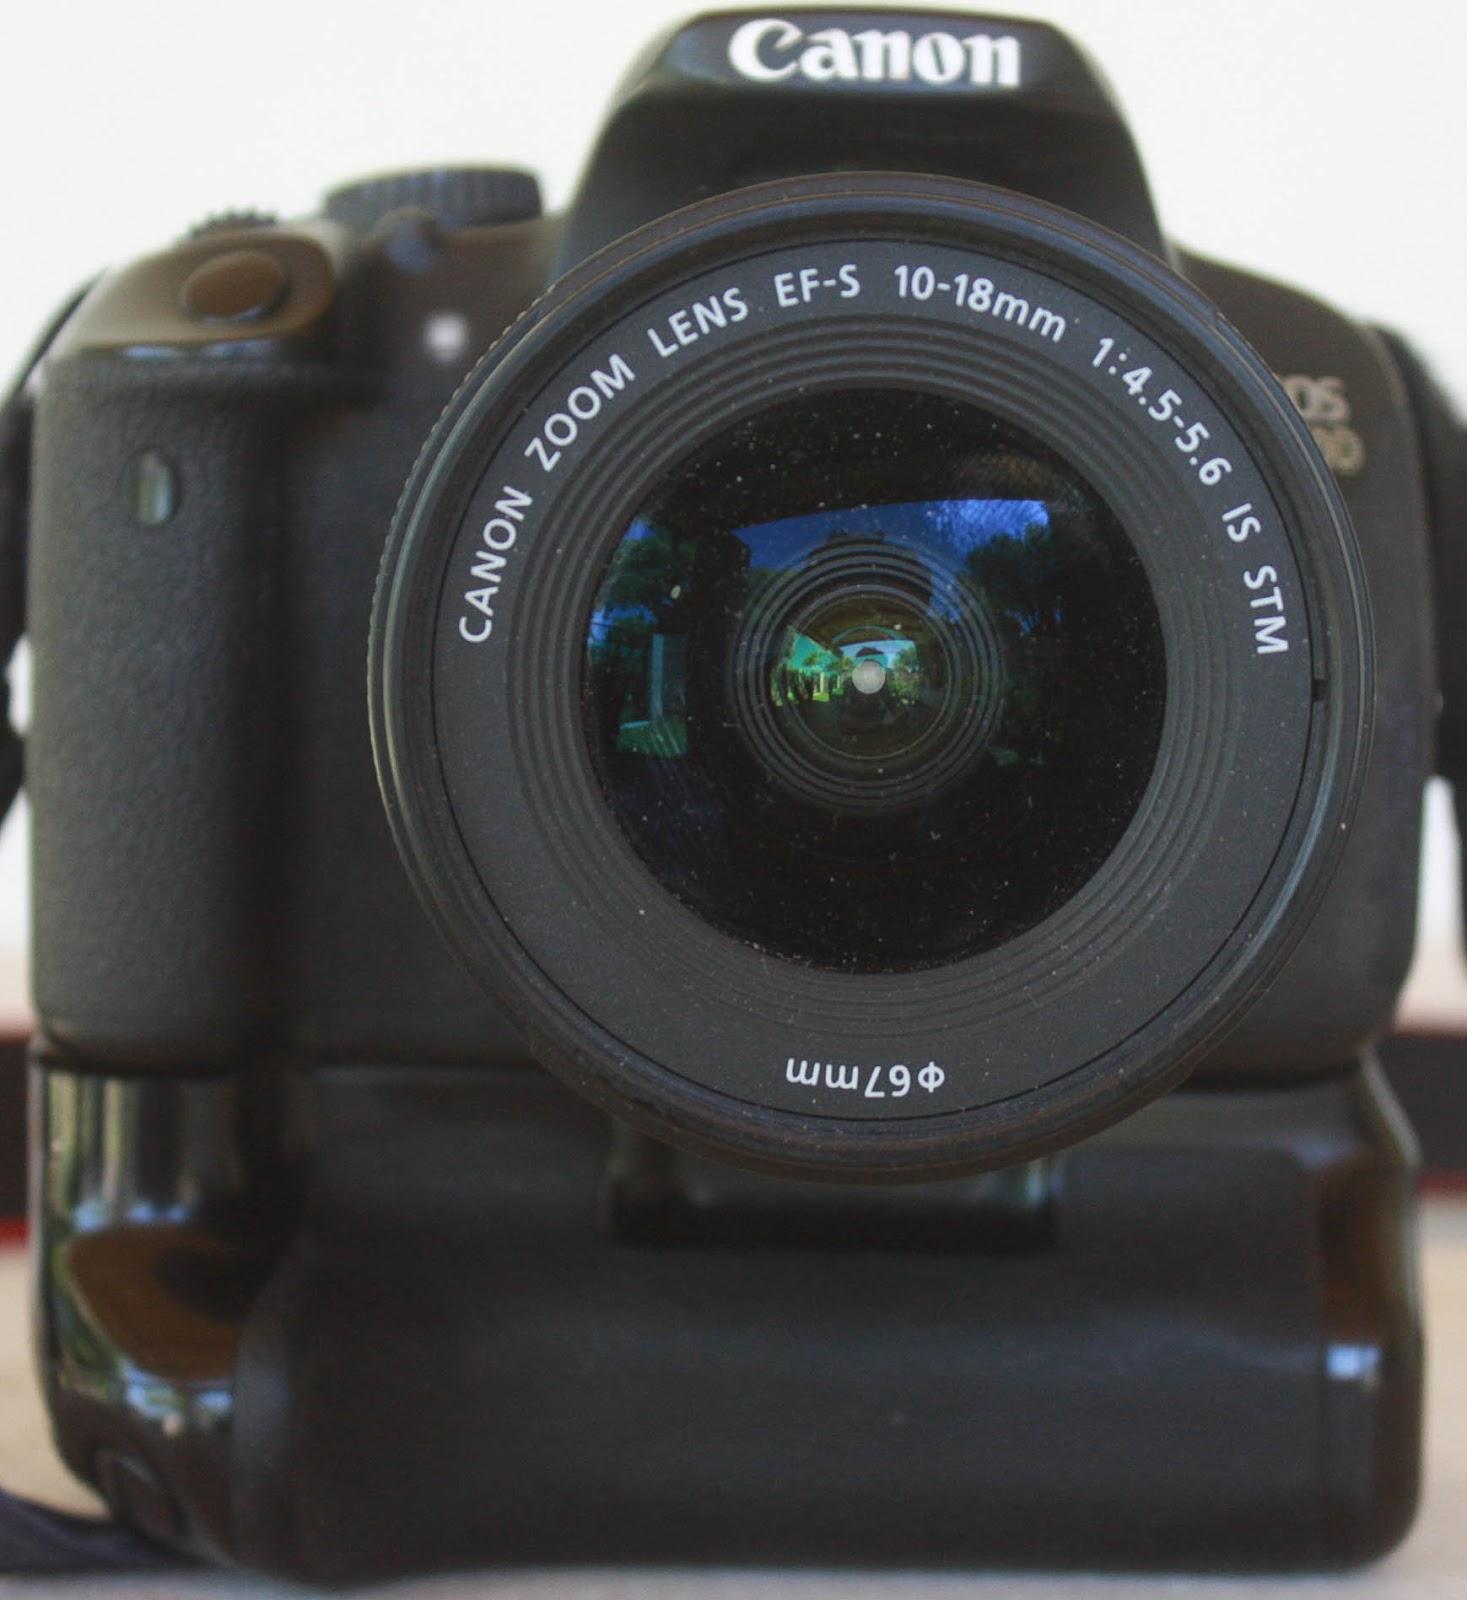 A fondo con mi nuevo objetivo Canon EFS 10-18 mm f4.5/5.6 IS STM ...